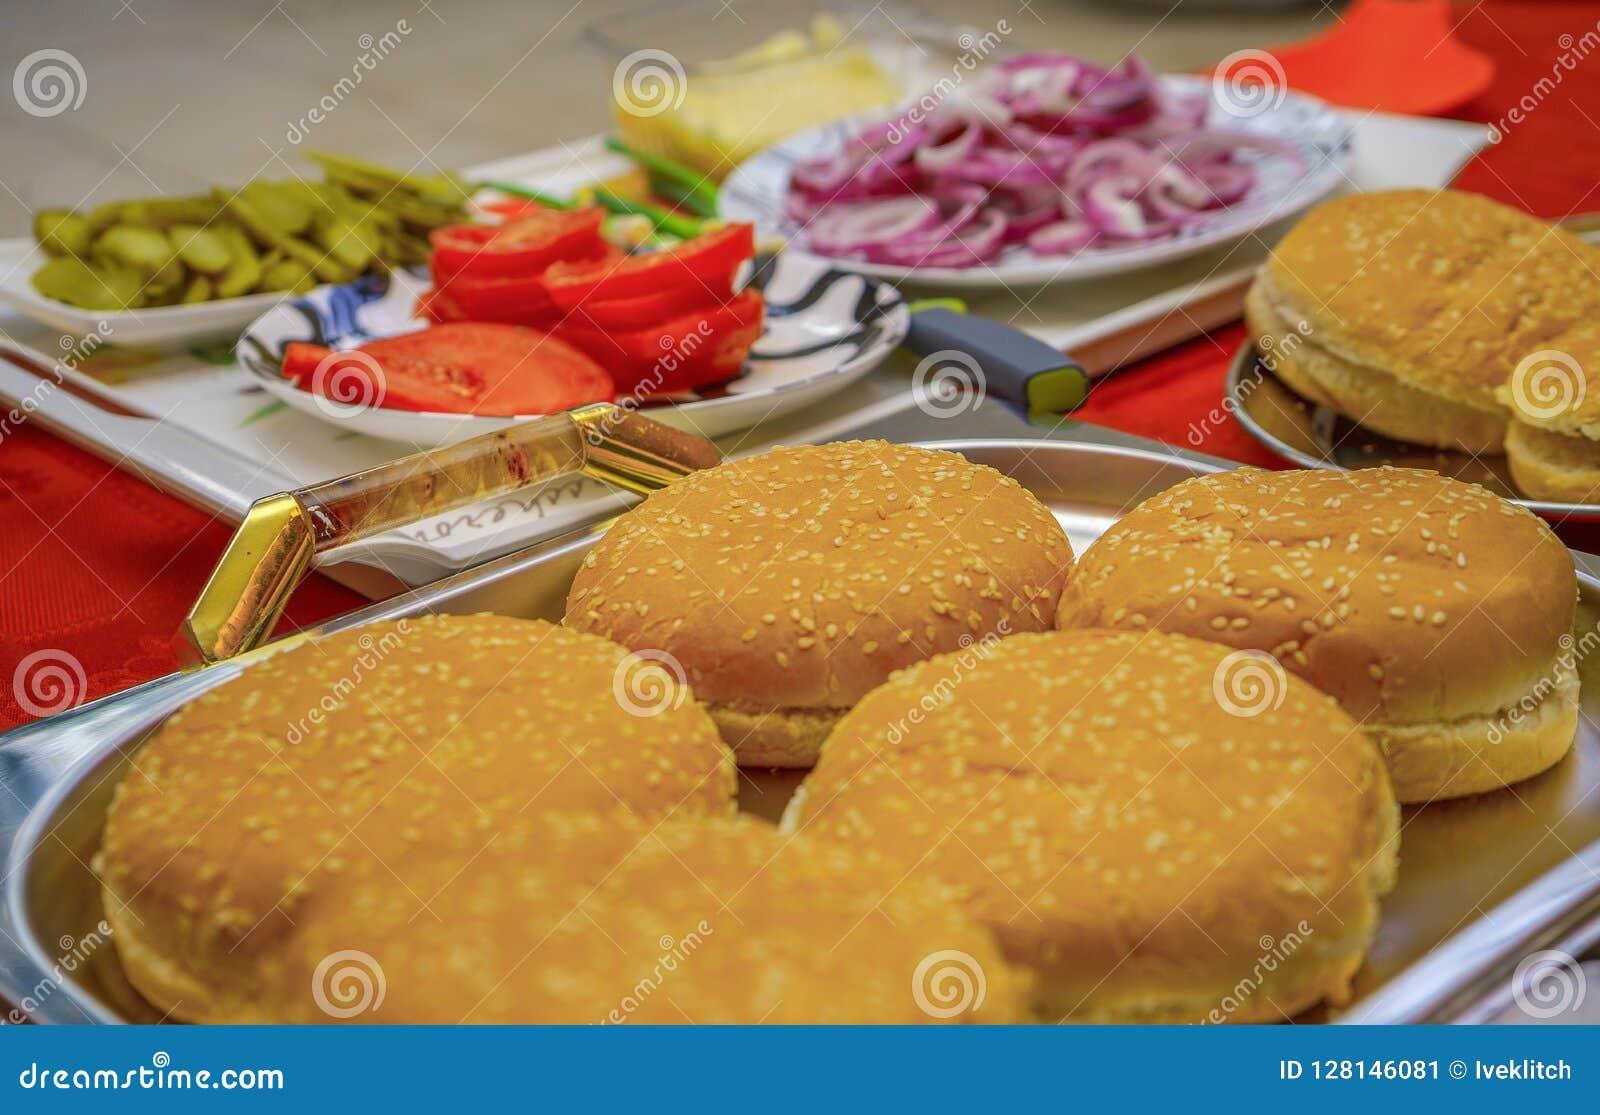 Домодельные ингридиенты бургера аранжировали на подносе и плитах outdoors Лук, посоленные огурцы, томаты вишни, соус кетчуп